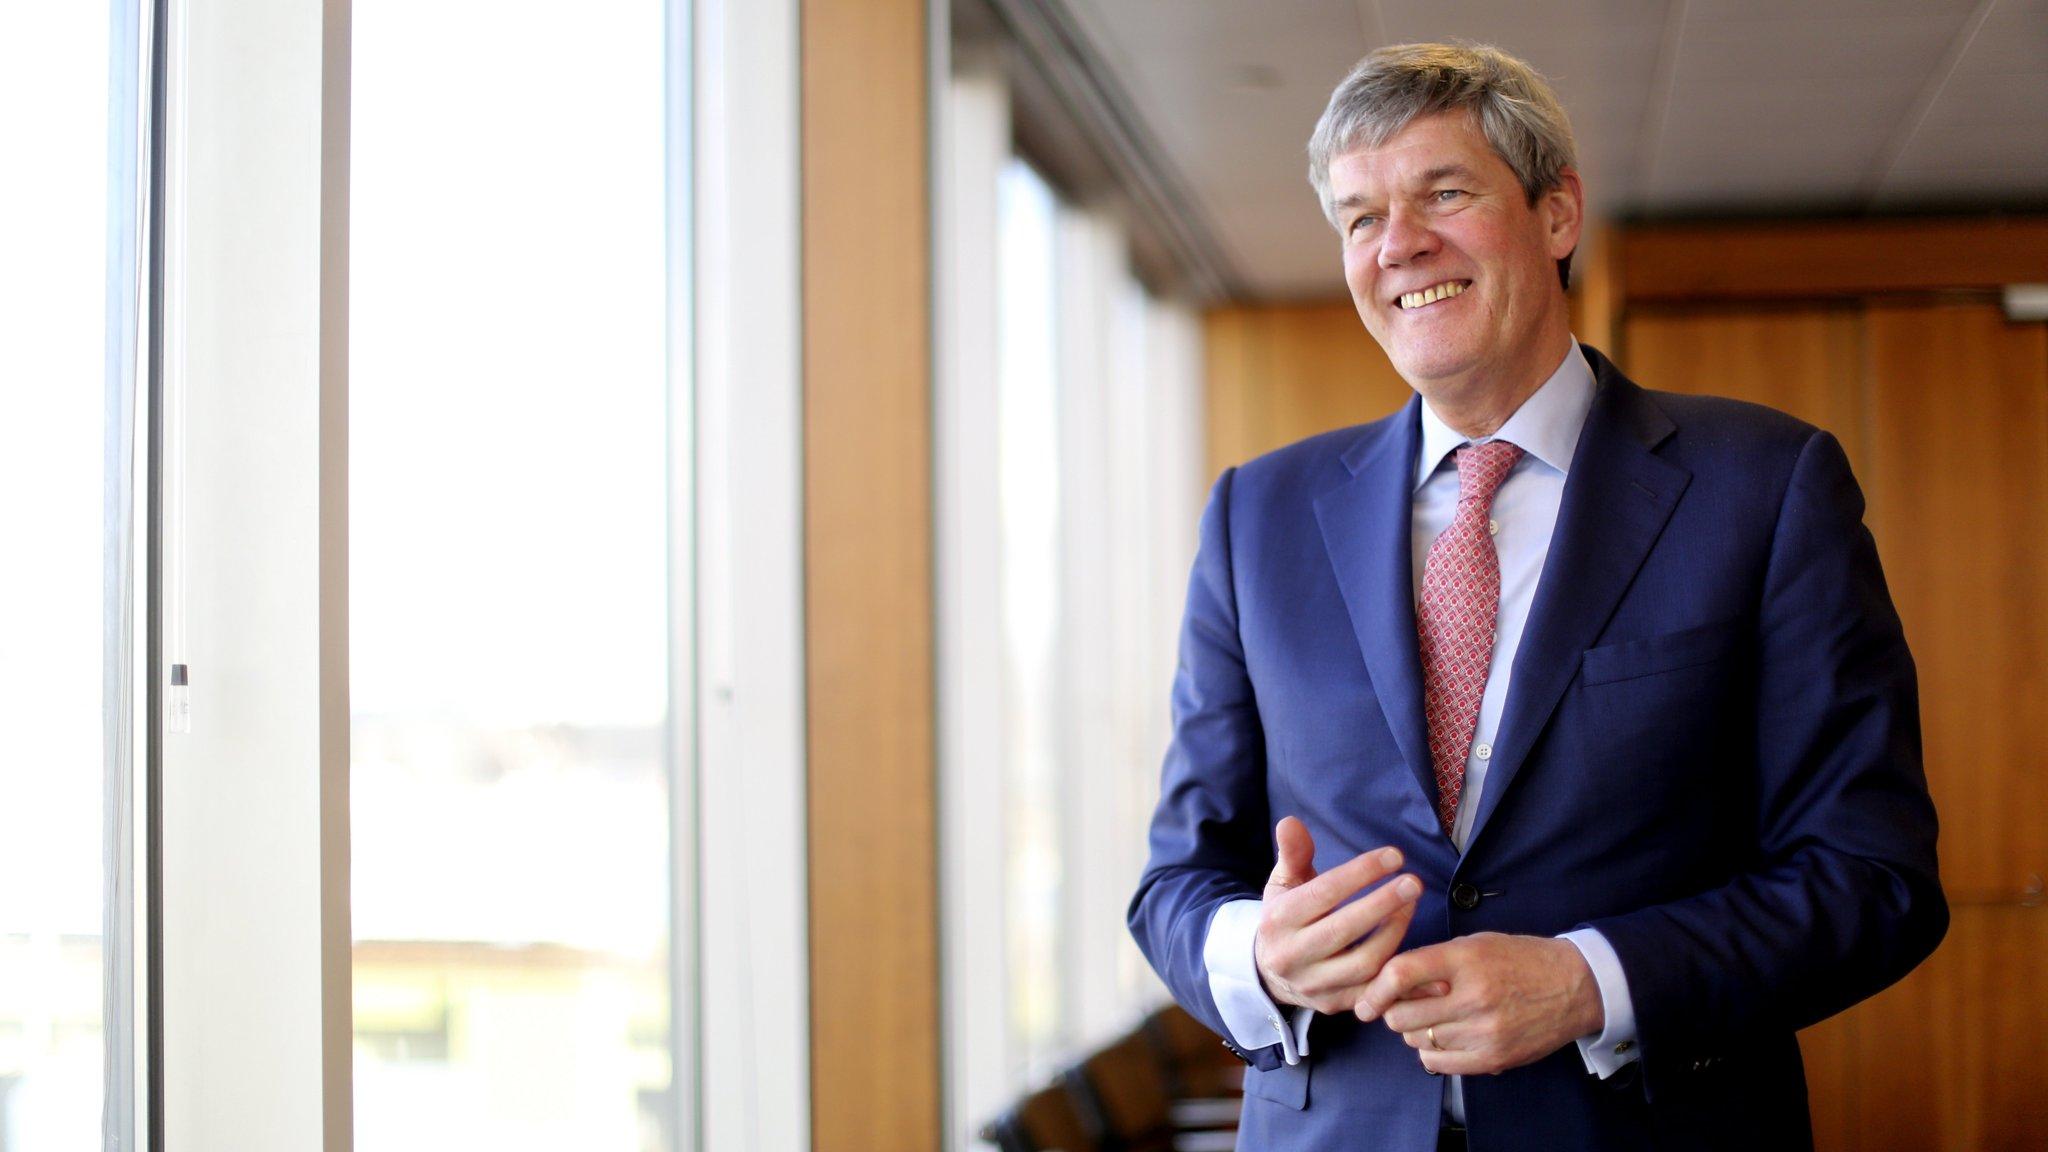 Dick Boer, Ahold: Return from an Enron-like scandal